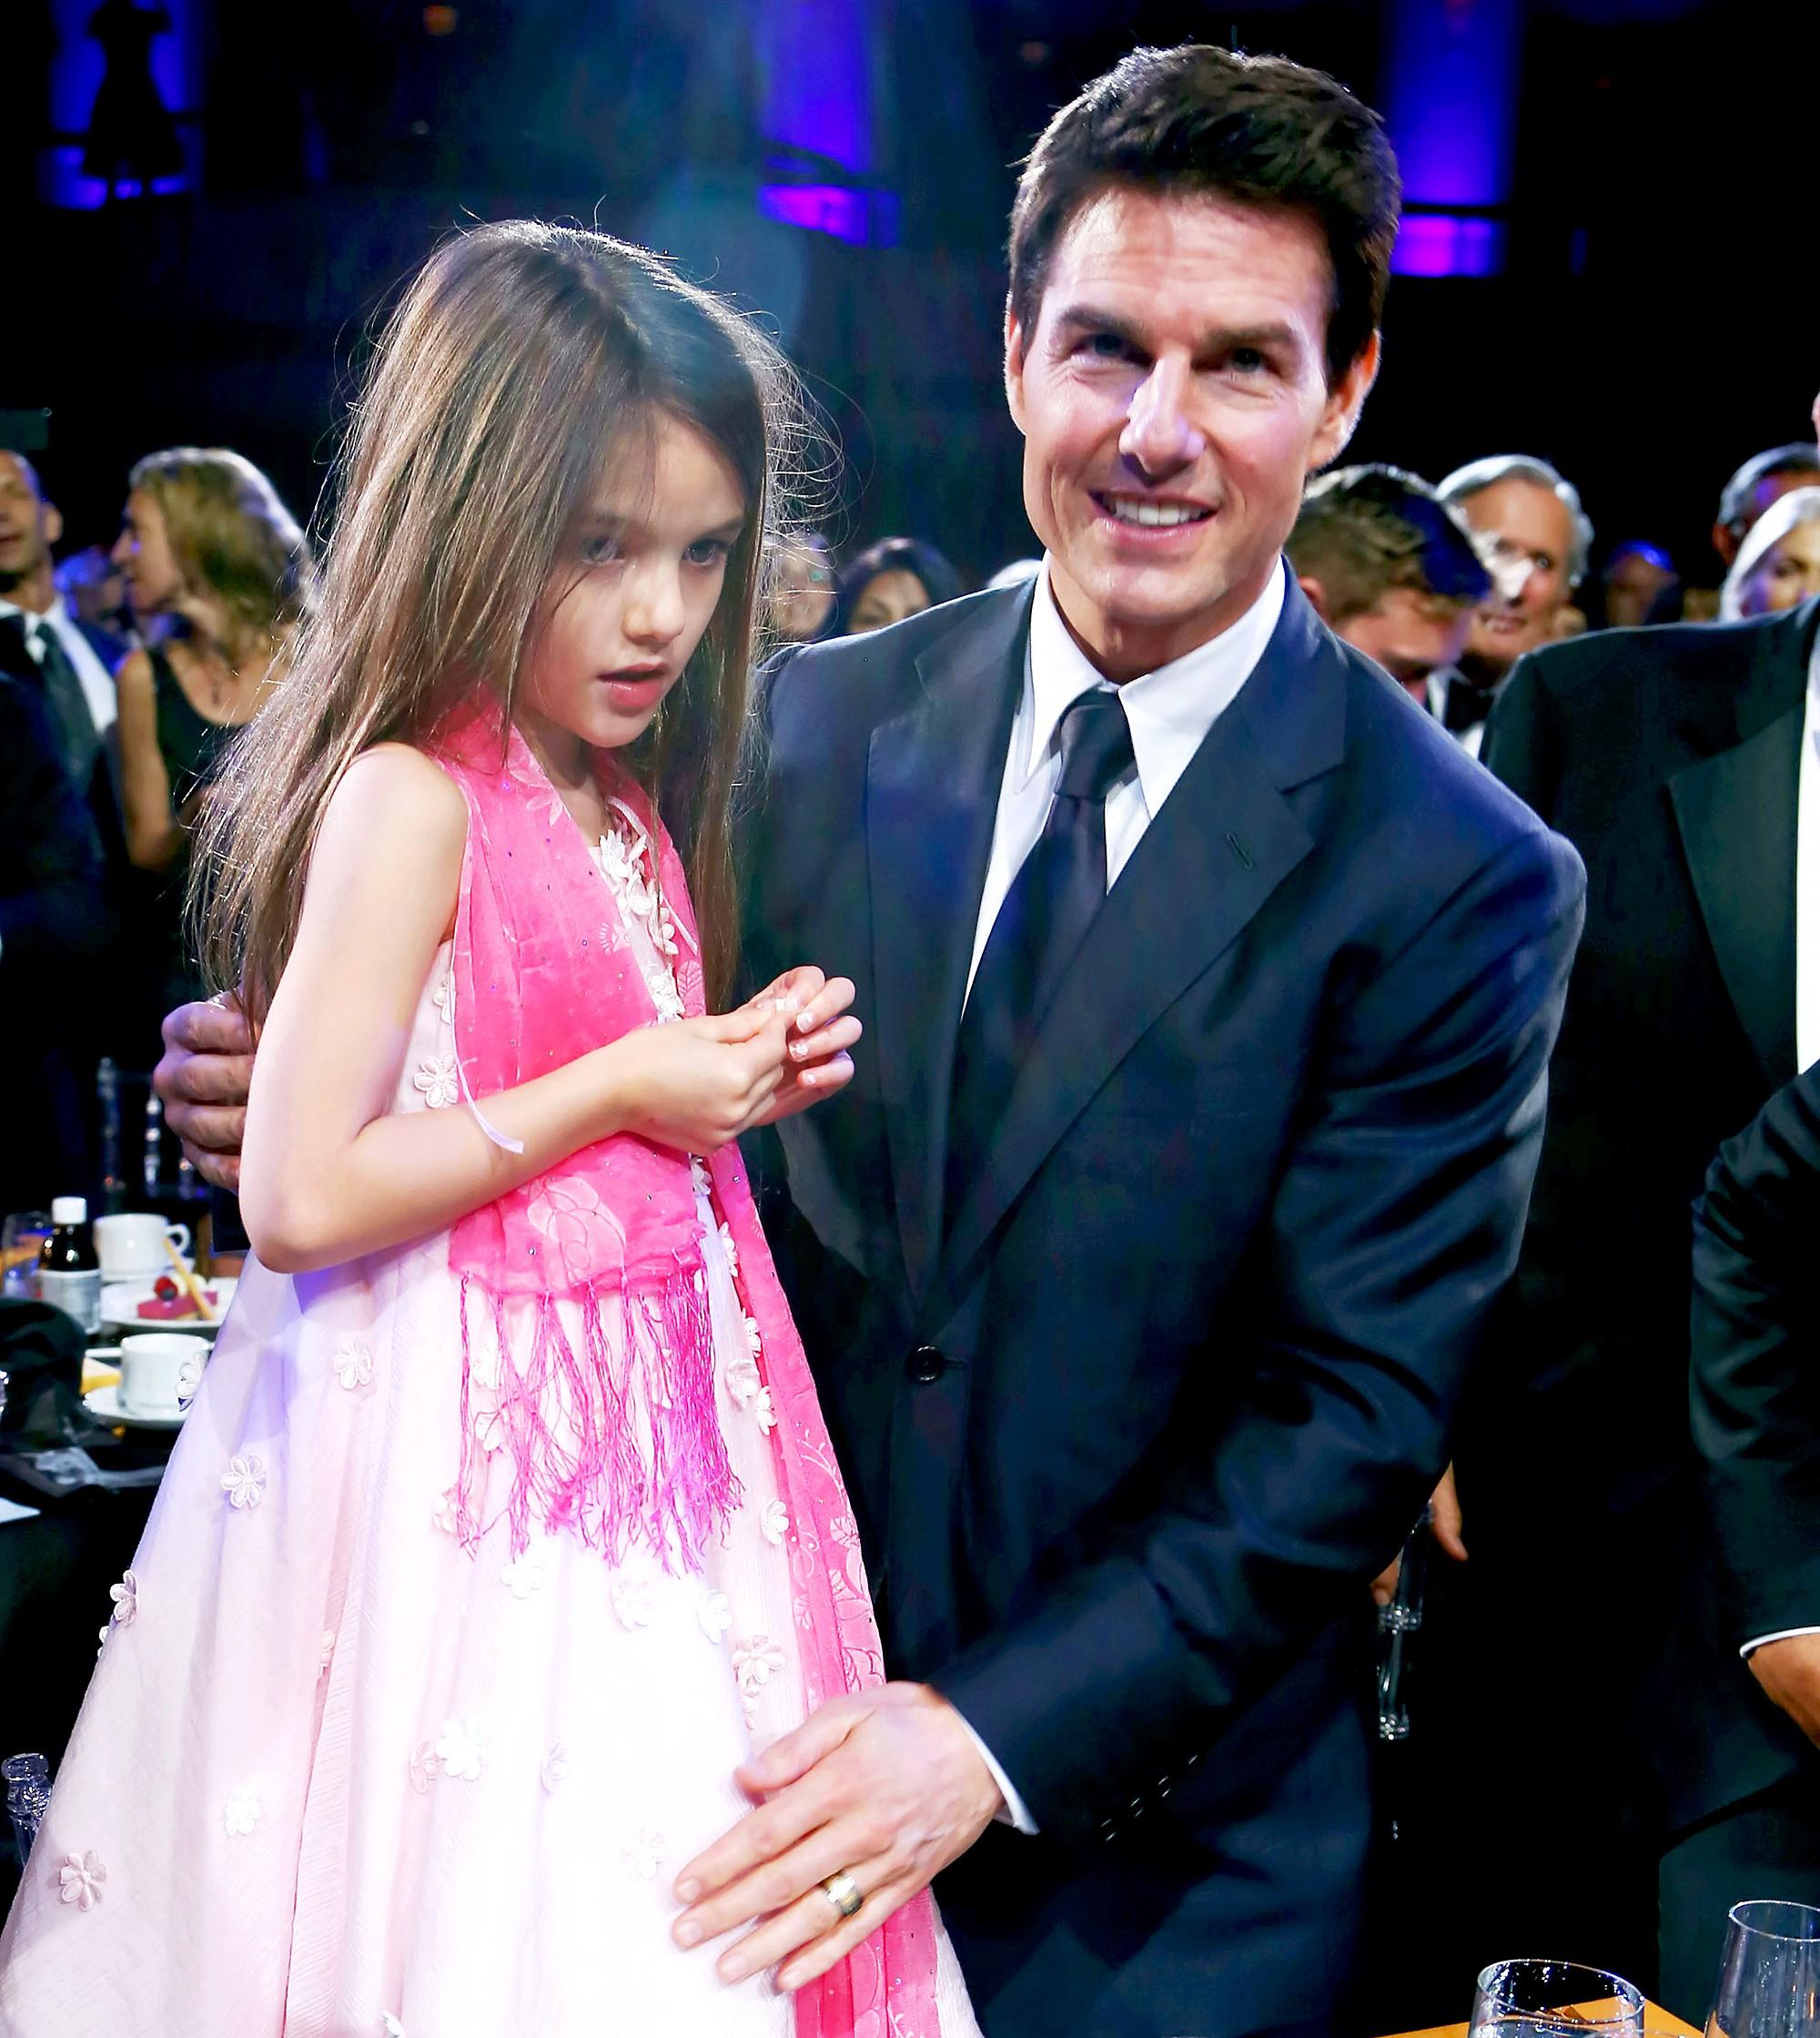 Sau bao năm, minh tinh Katie Holmes thú nhận trong nước mắt: Suri không phải con ruột của Tom Cruise? - Ảnh 2.